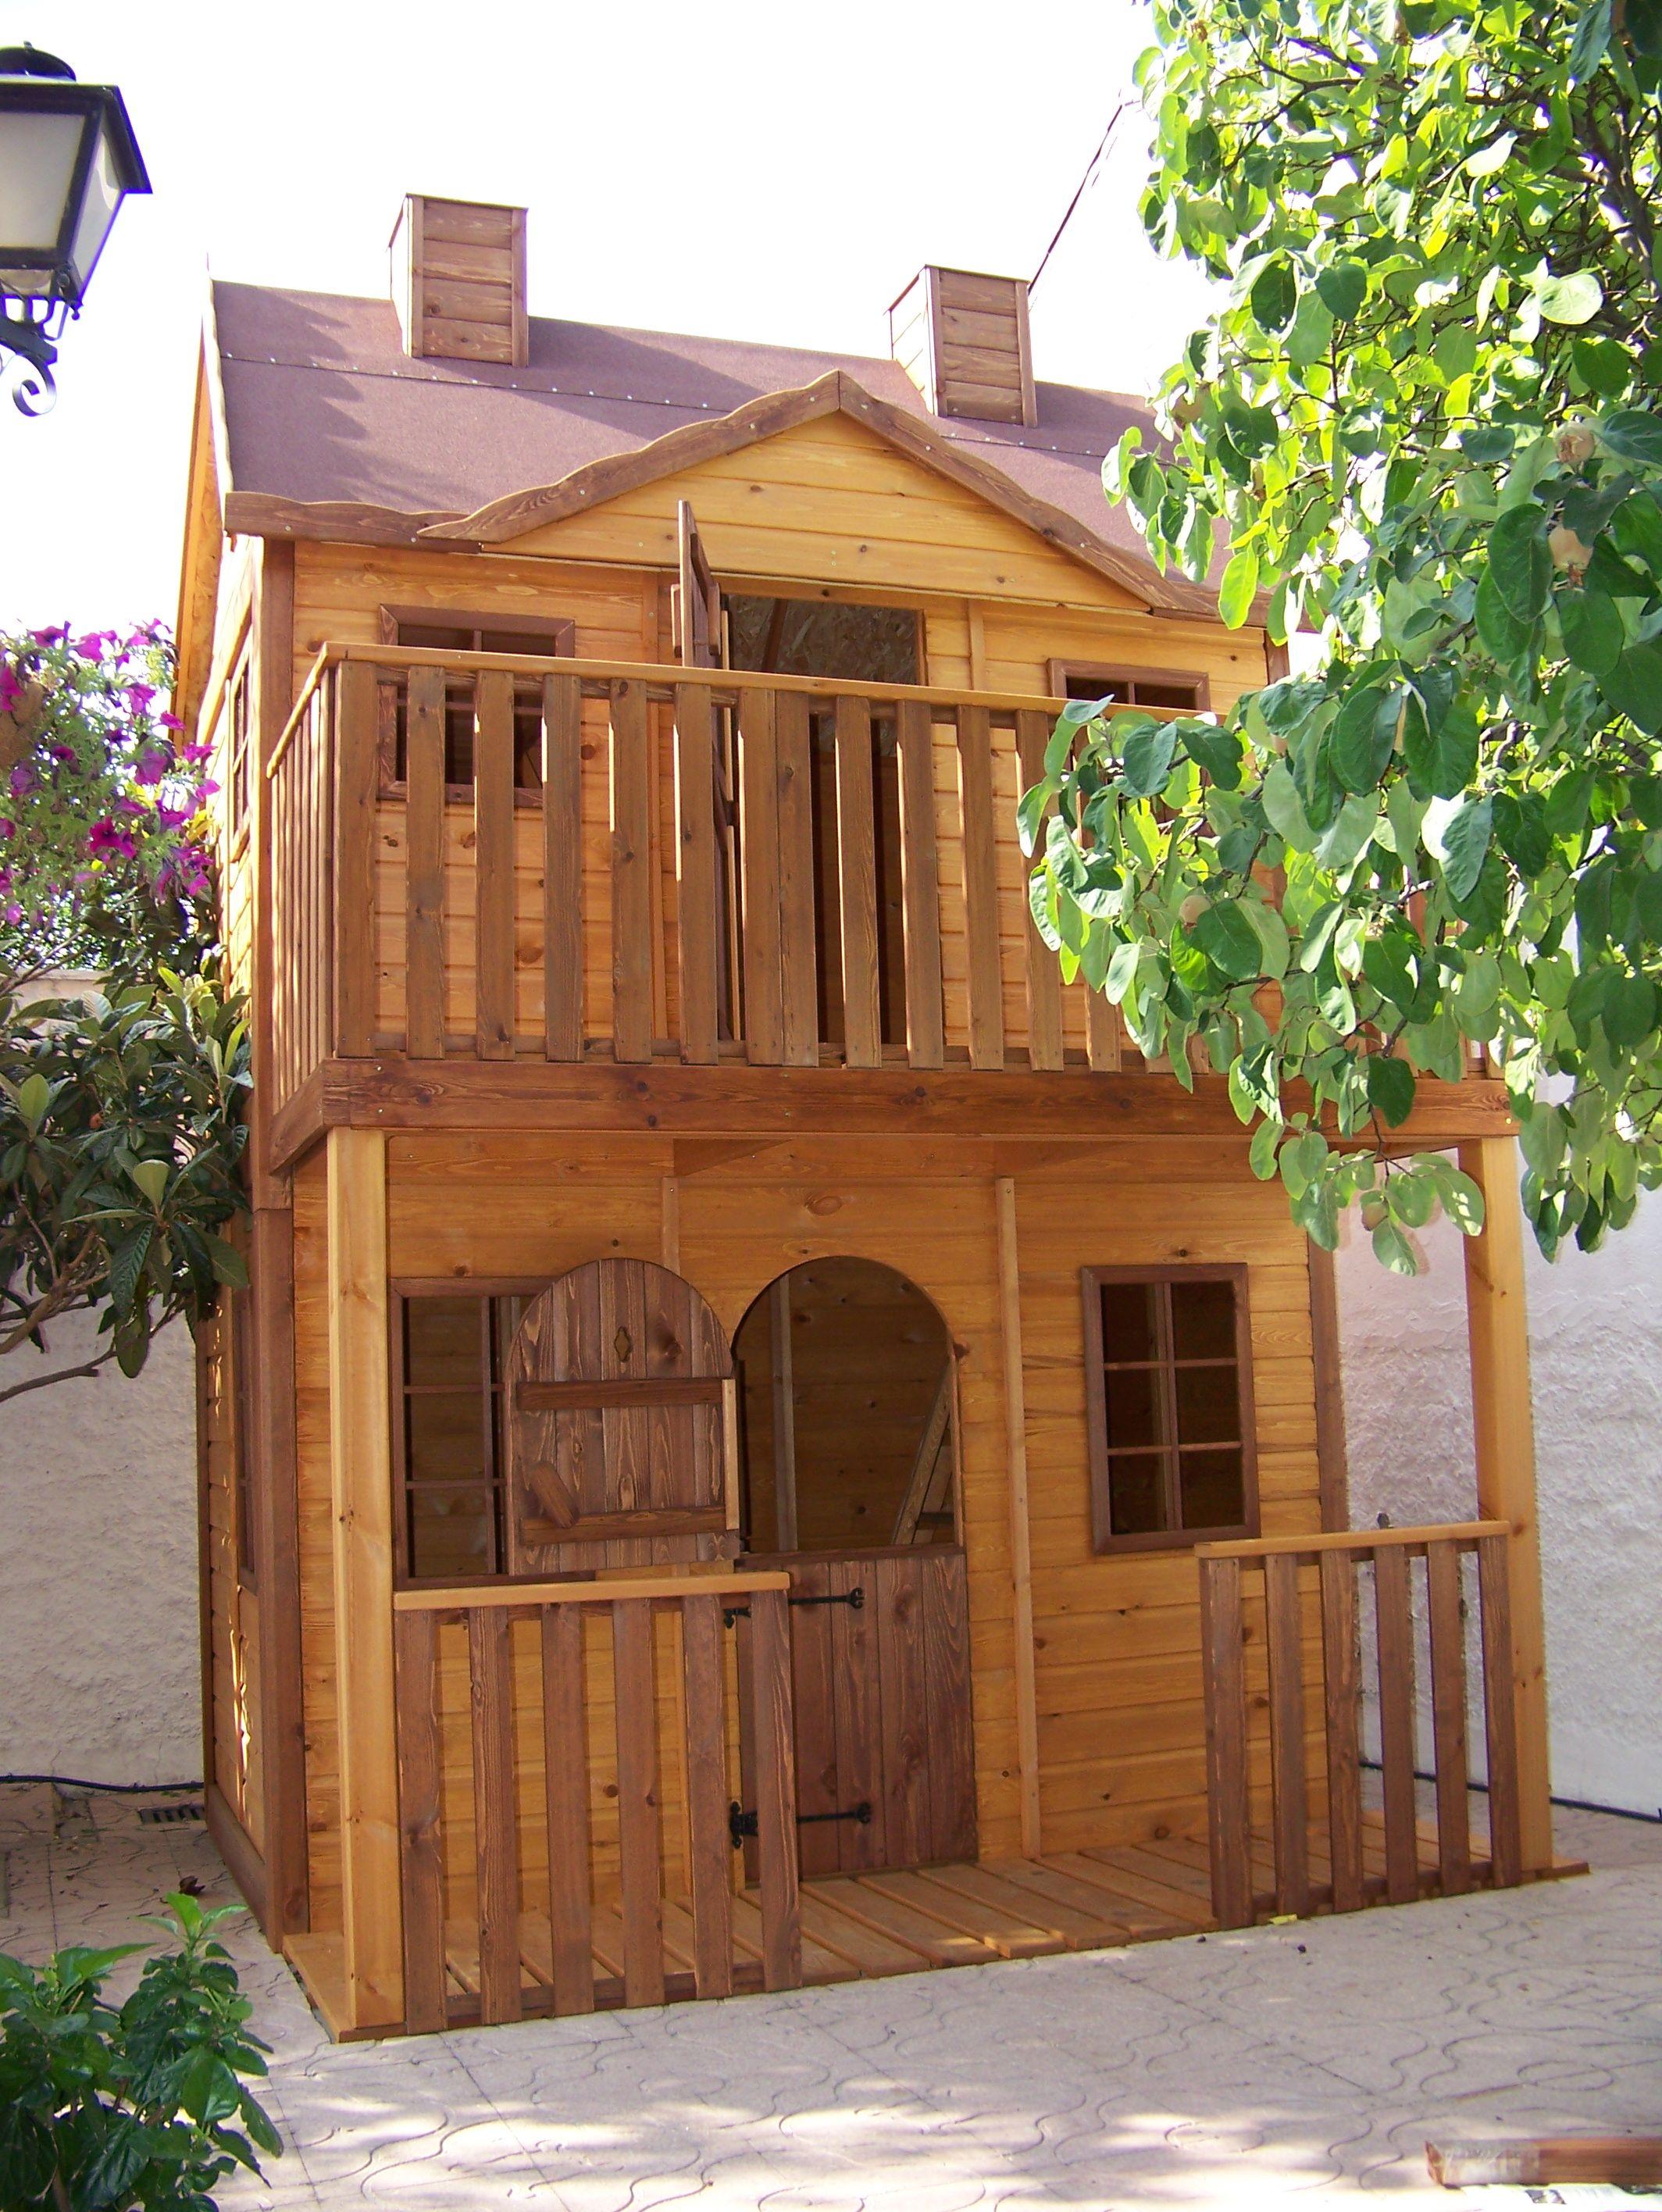 Casita de madera infantil villa orleans en color miel casitas - Casa madera infantil ...